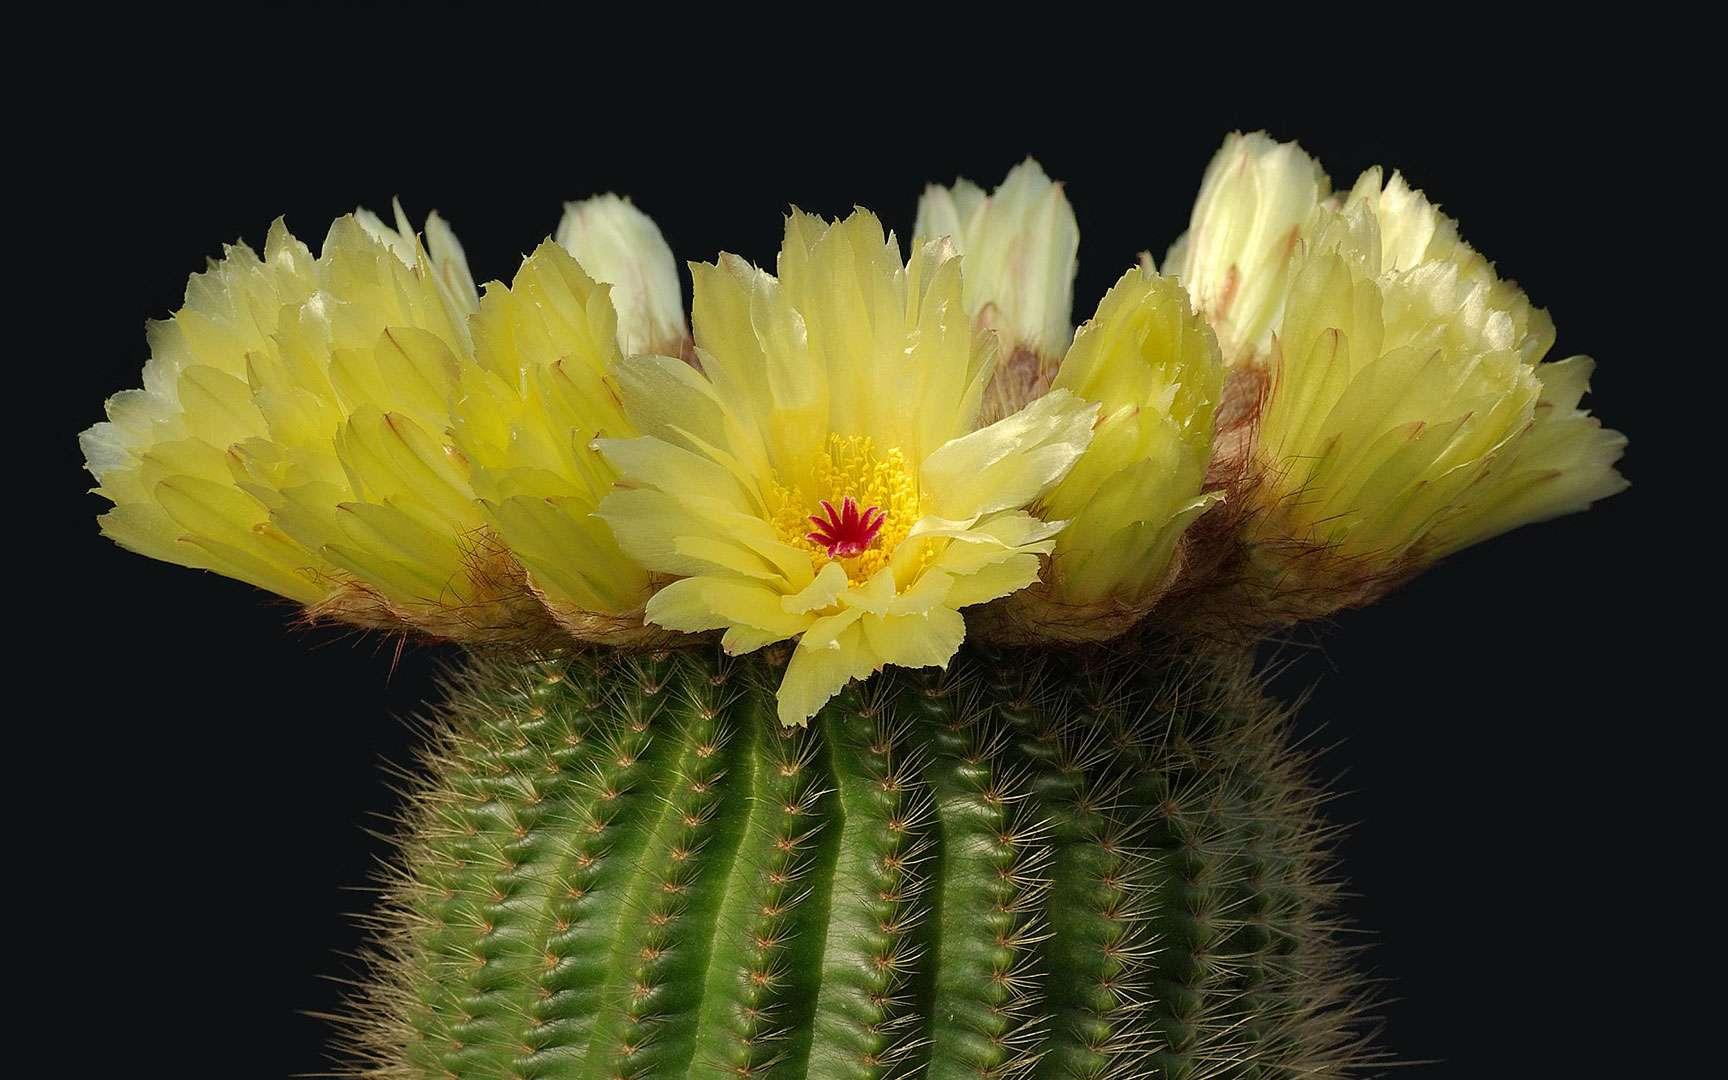 Cactus : notocactus minimus. Parodia est un genre de la famille des cactus composé d'environ 50 espèces. Ce nom de Lorenzo Raimundo Parodi (1895-1966), botaniste argentin. Elles sont originaires du centre de l'Amérique du Sud : Nord du Chili et de l'Argentine, Bolivie, Paraguay et sud du Brésil. Sur les pentes arides des montagnes jusqu'à 2.800 m et dans les zones vallonées. Wikipedia © Laitche - Domaine Public